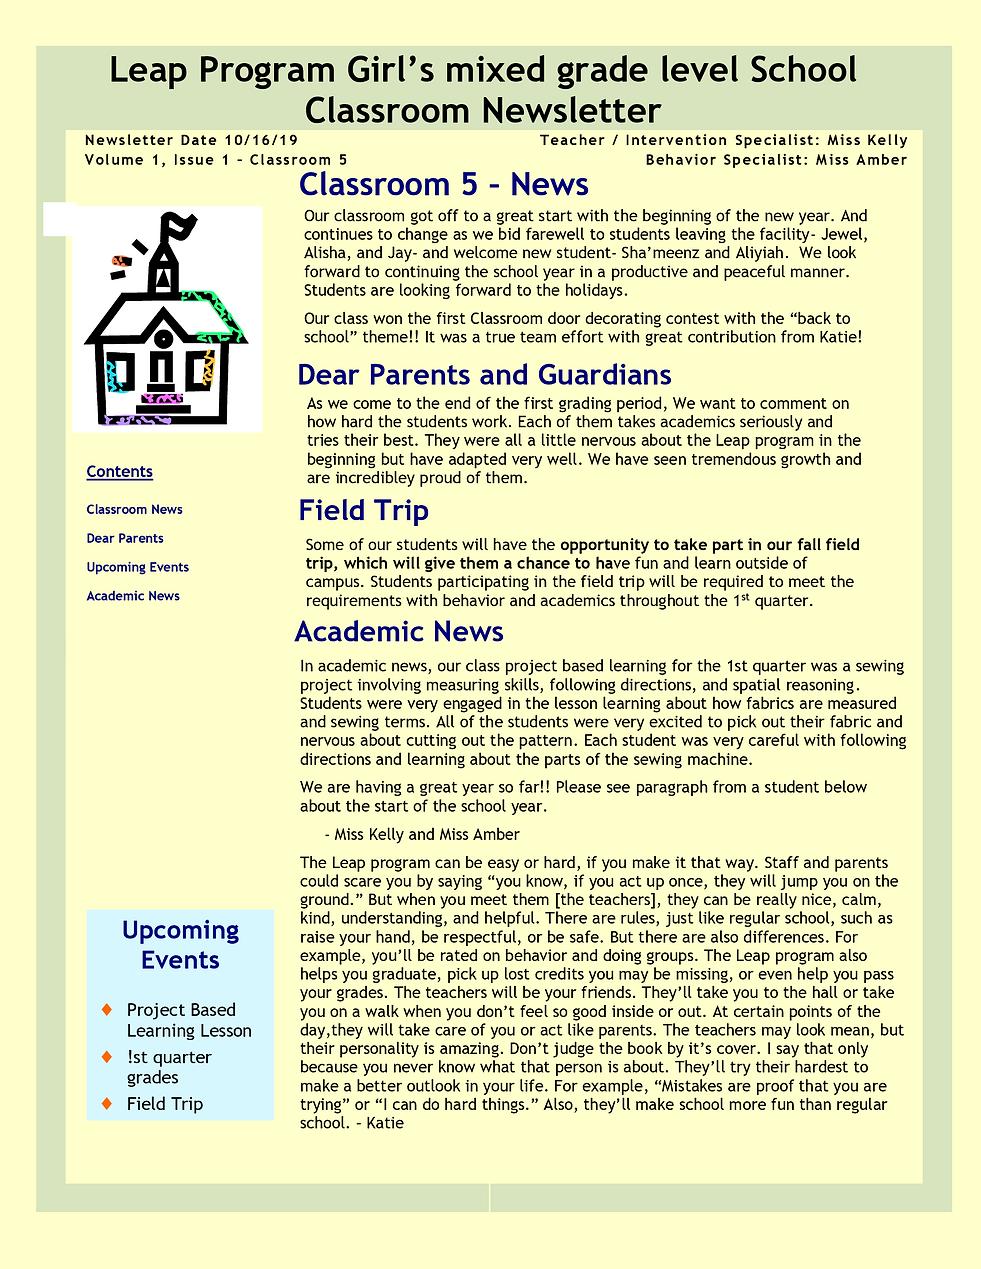 19-20-Classroom-5.png